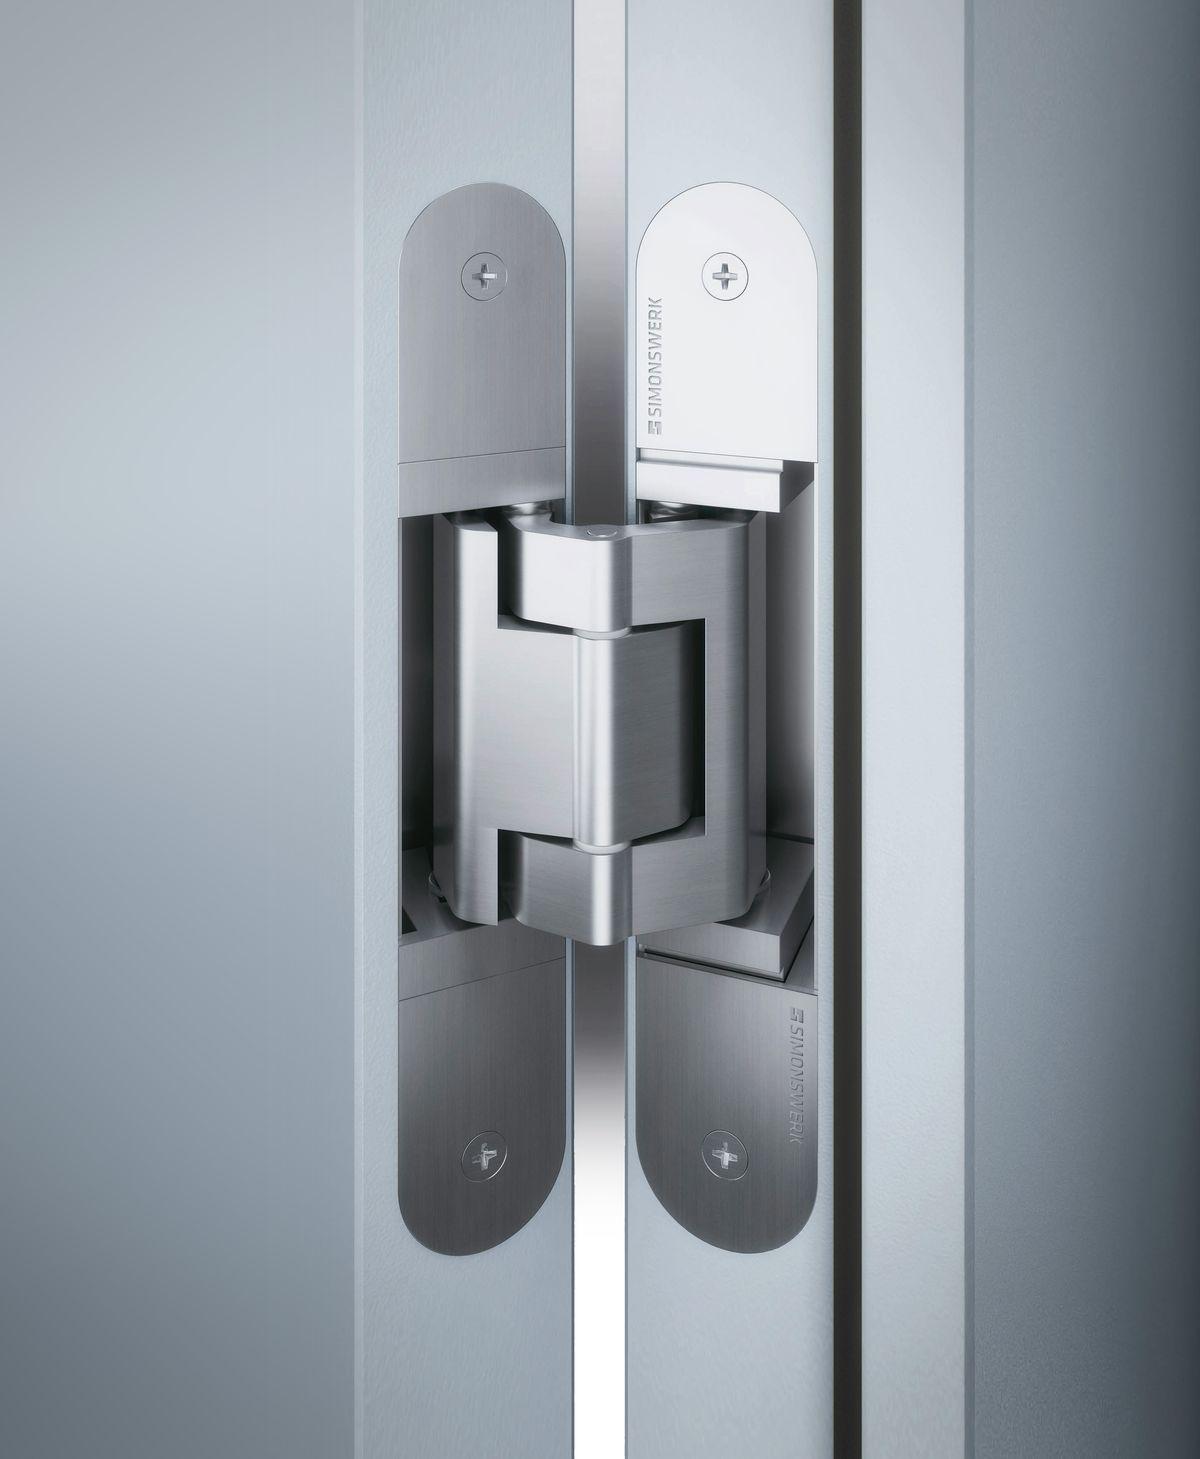 Glass cabinet door hinges  ebcccg      bildepunkter